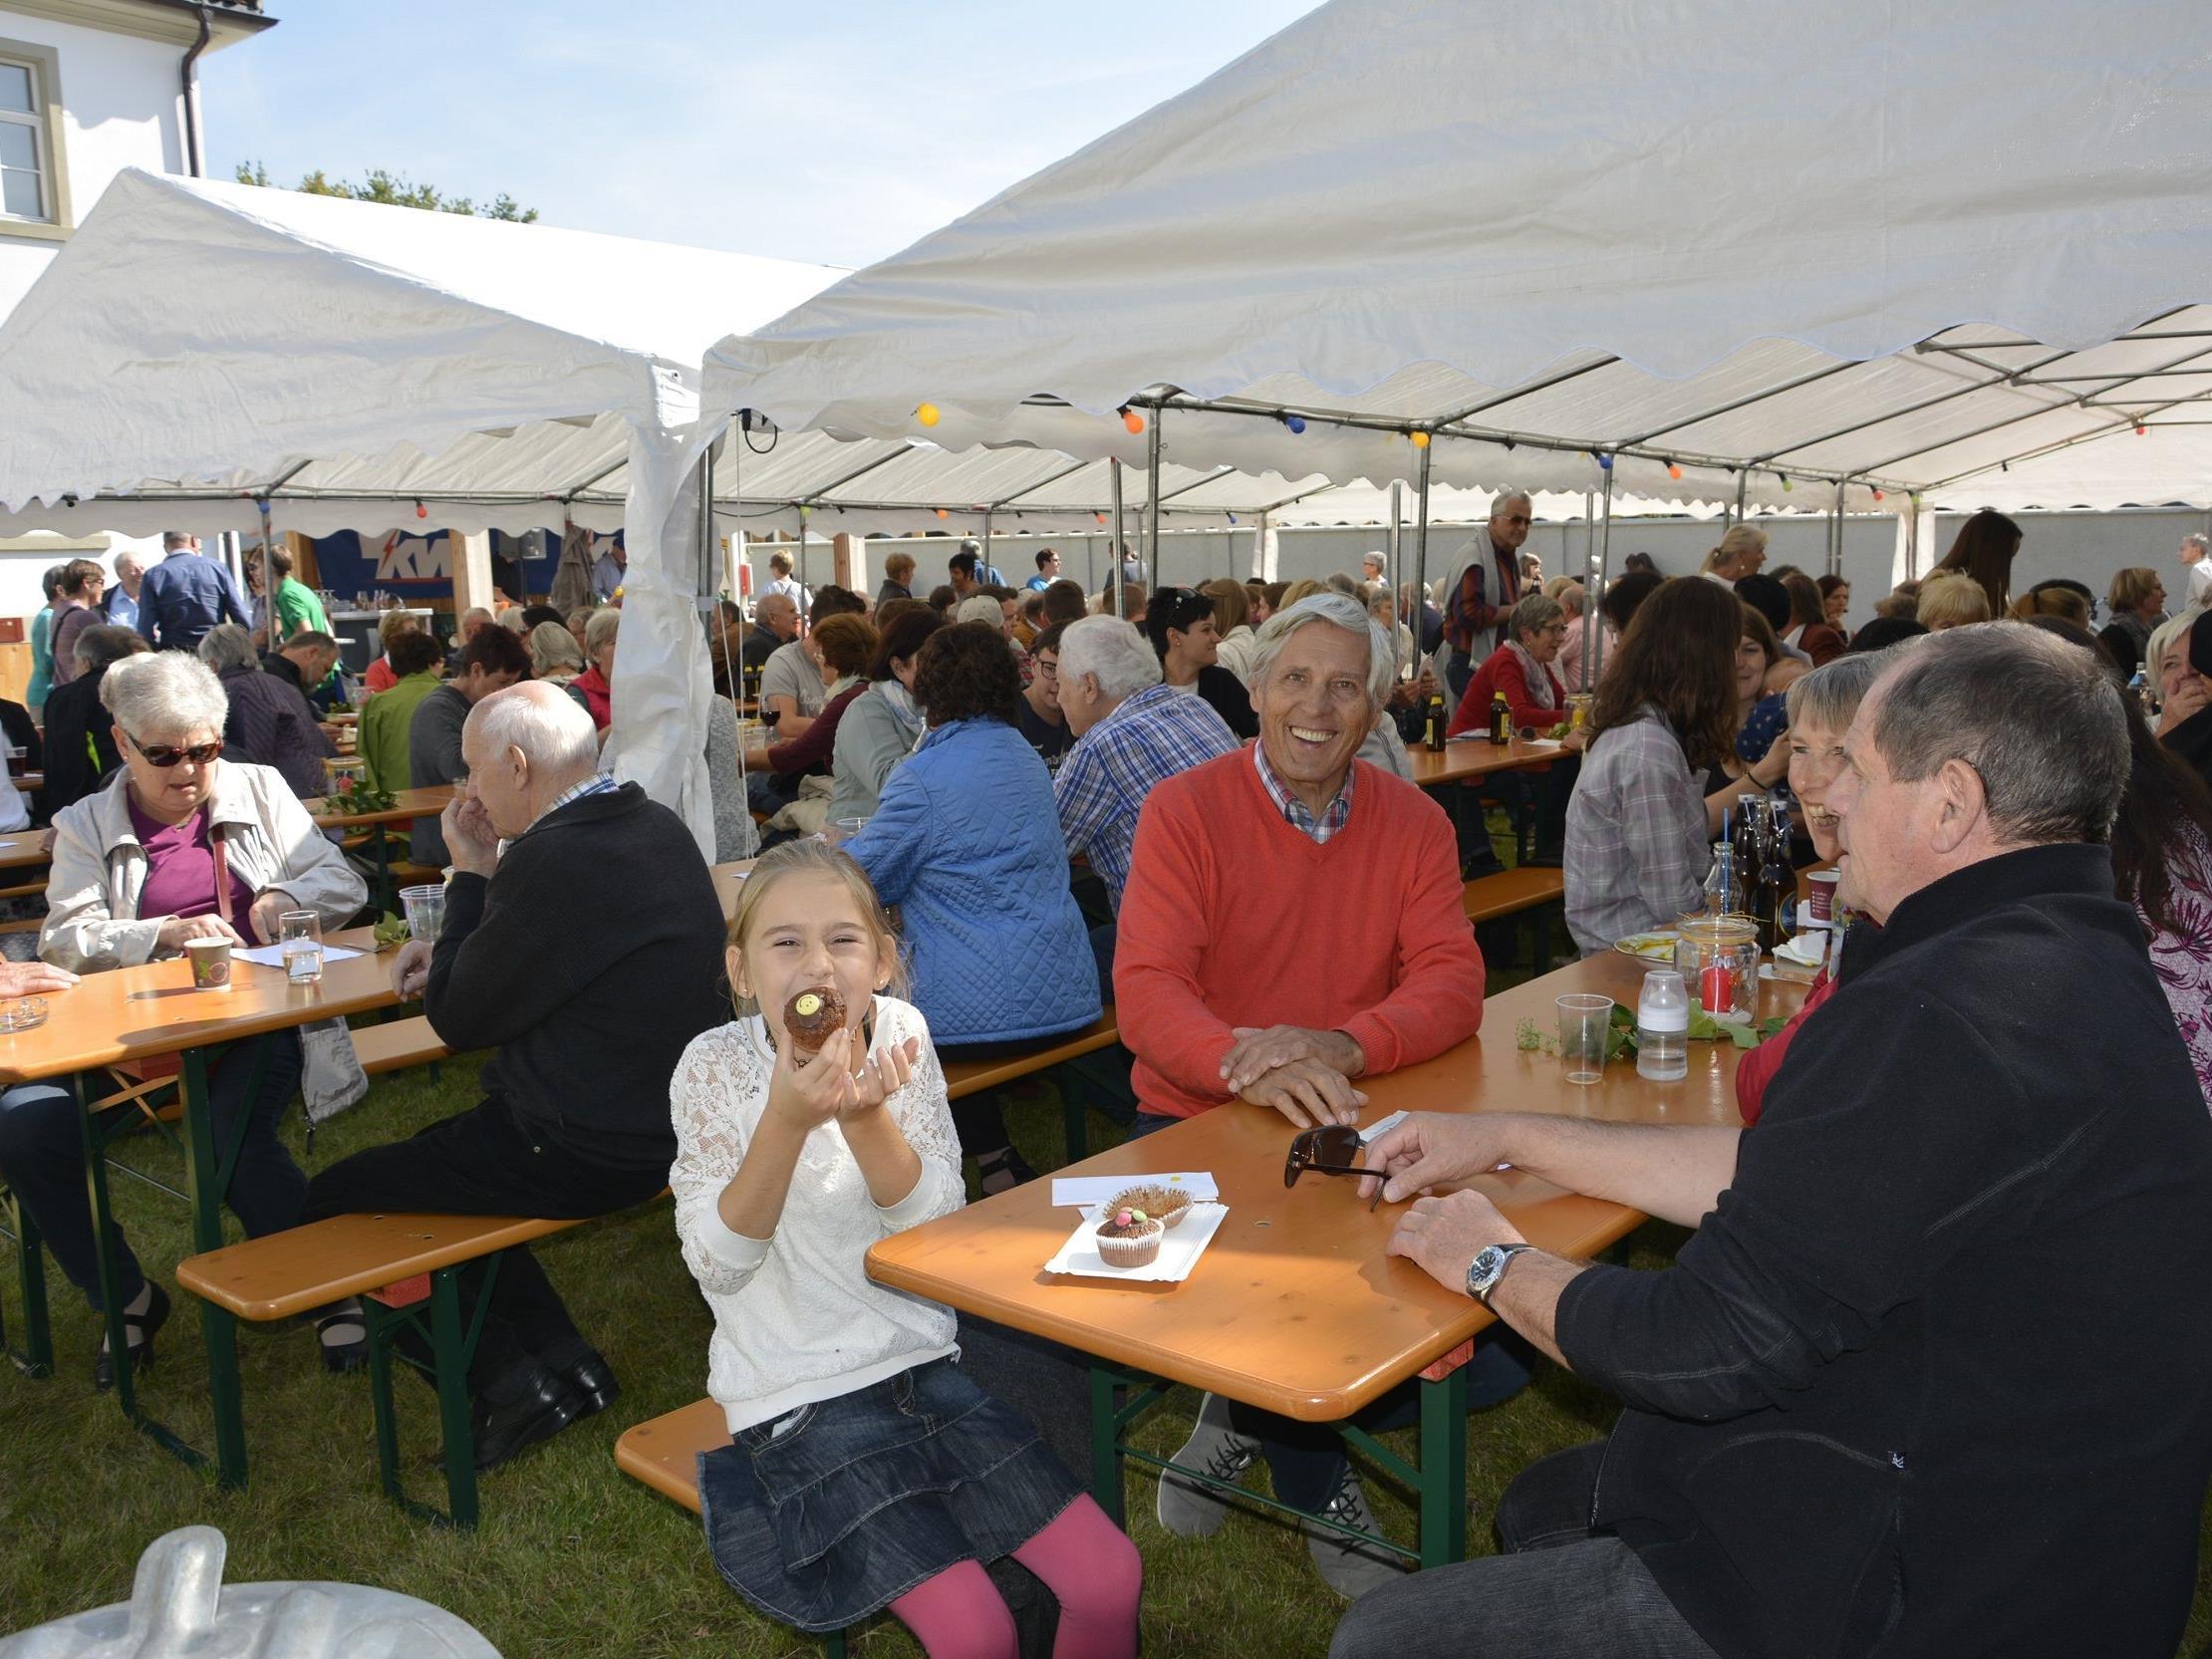 Ein strahlender Herbsttag und gute Laune herrschten am Freitag beim diesjährigen Klosterfest.